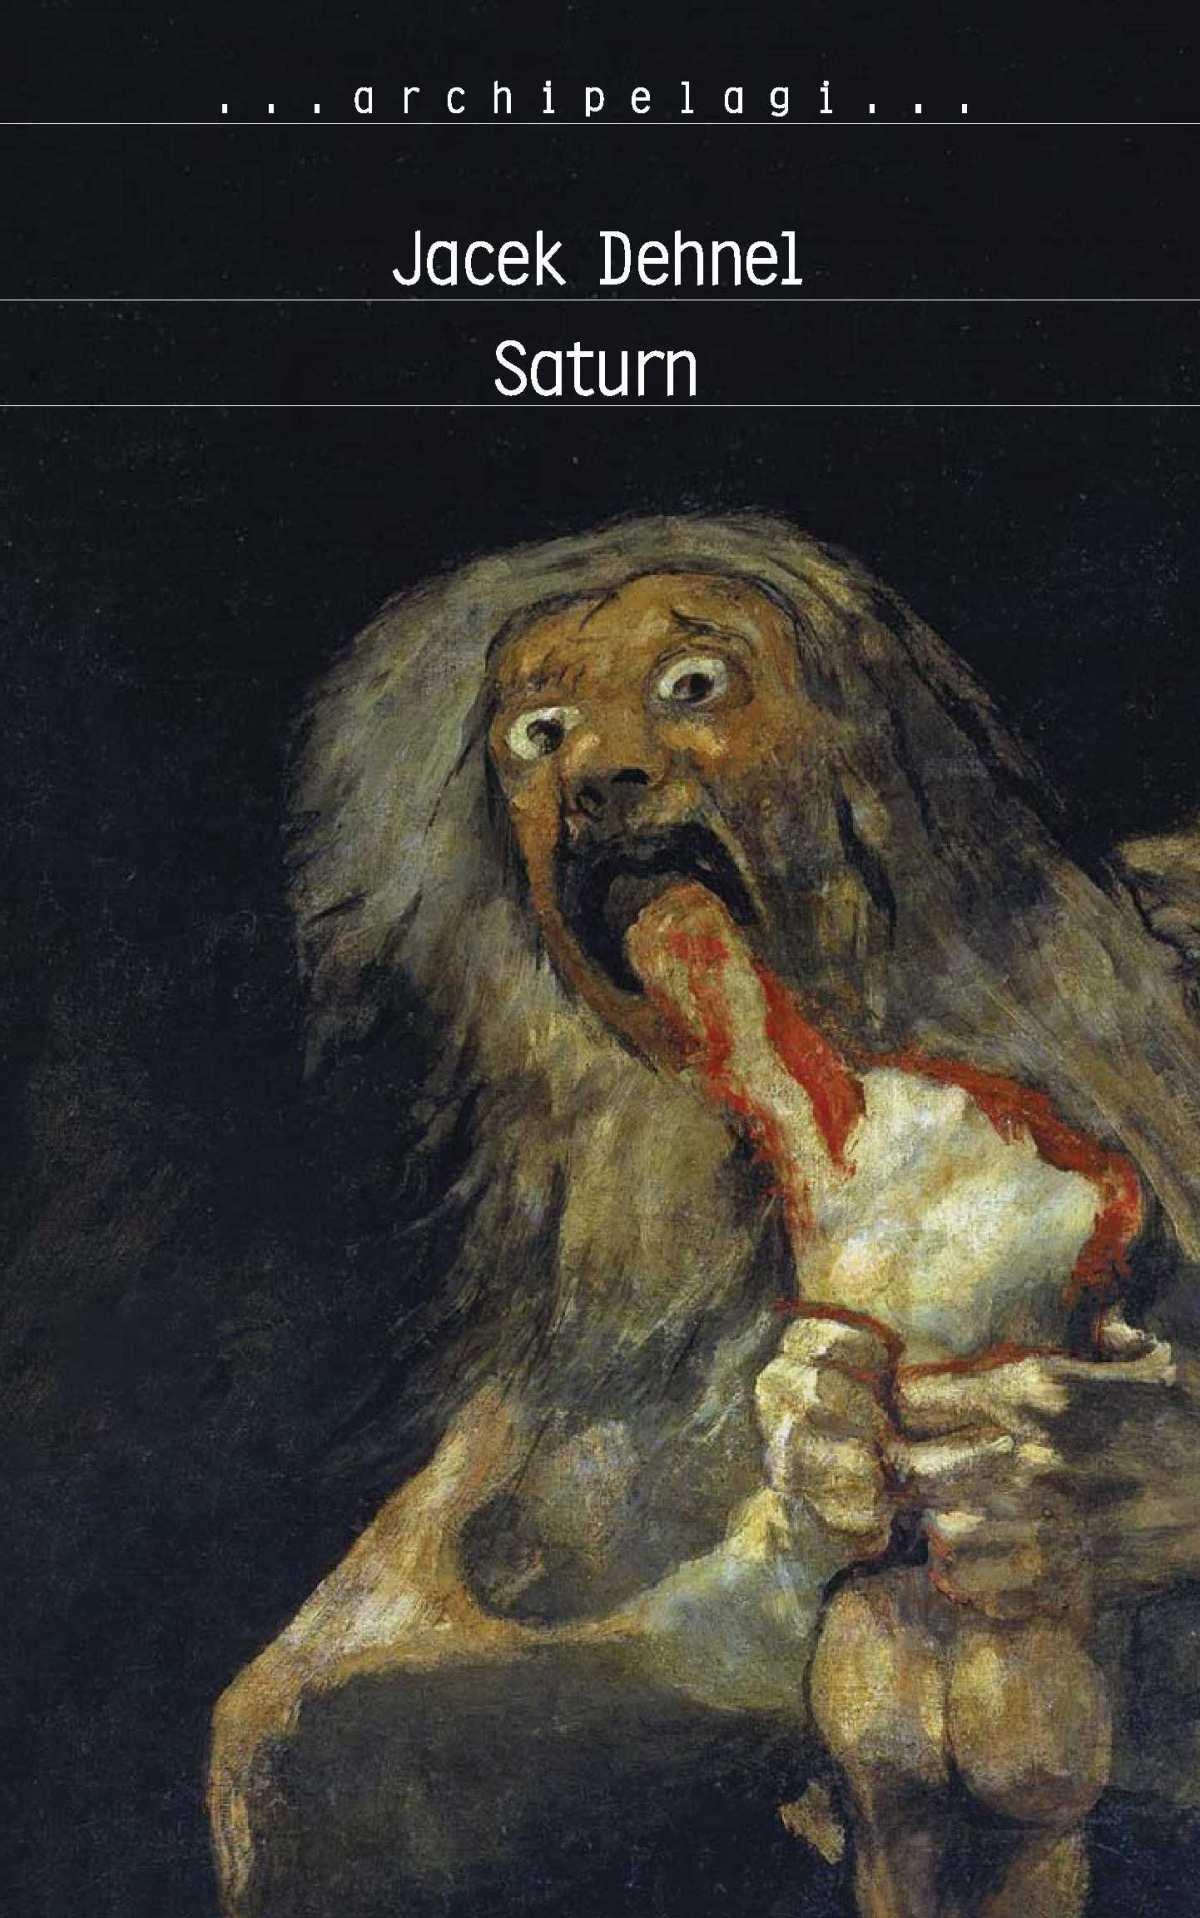 Saturn. Czarne obrazy z życia mężczyzn z rodziny Goya - Ebook (Książka EPUB) do pobrania w formacie EPUB